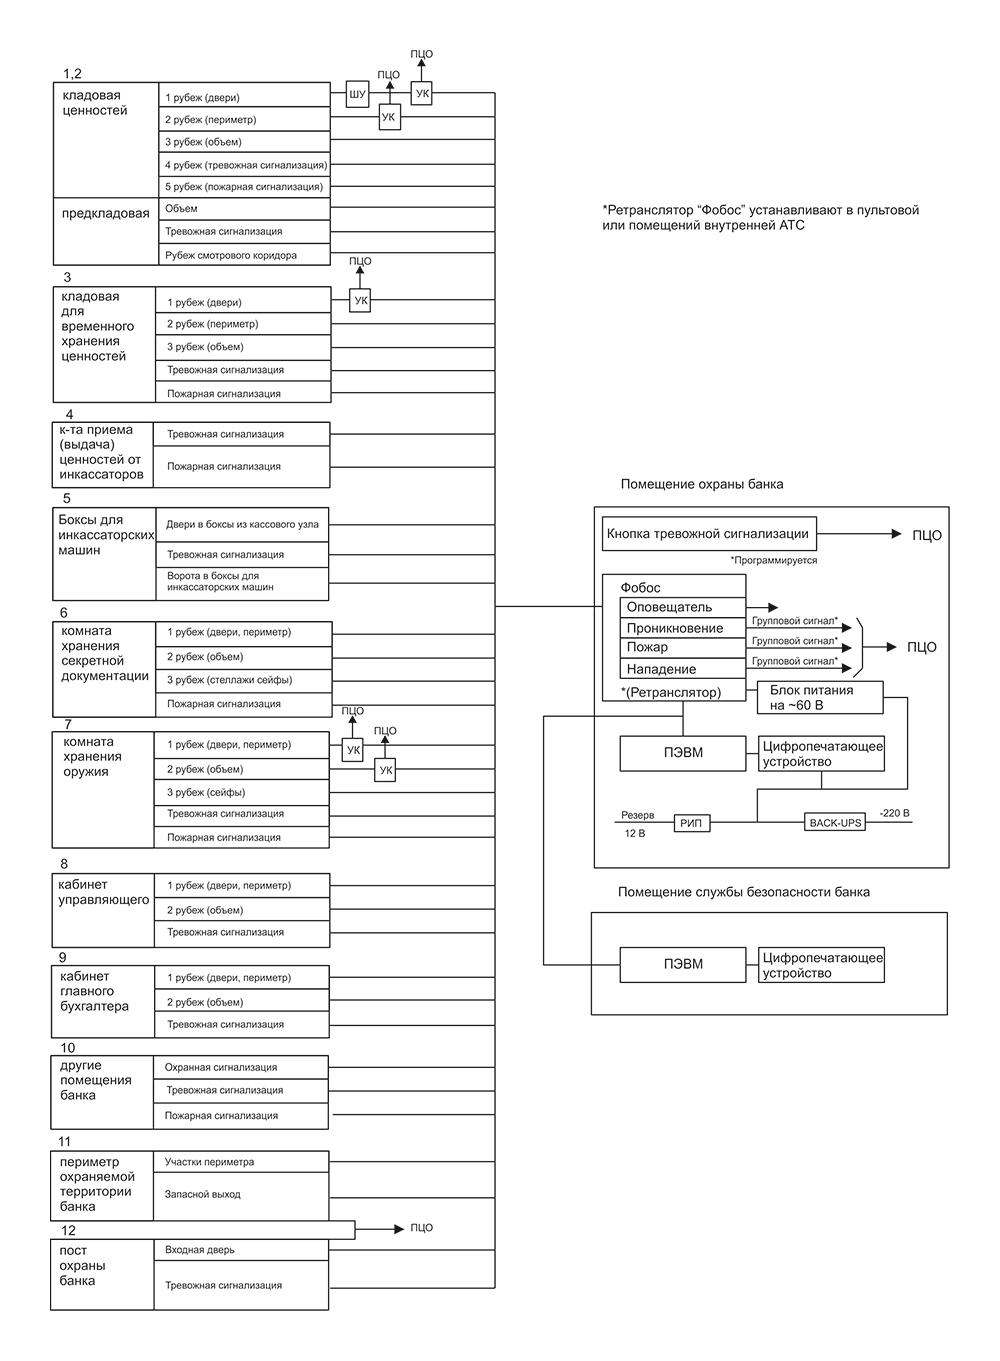 Схема ОПС с выходом на ПЦО (прибор Фобос) для охраны банков